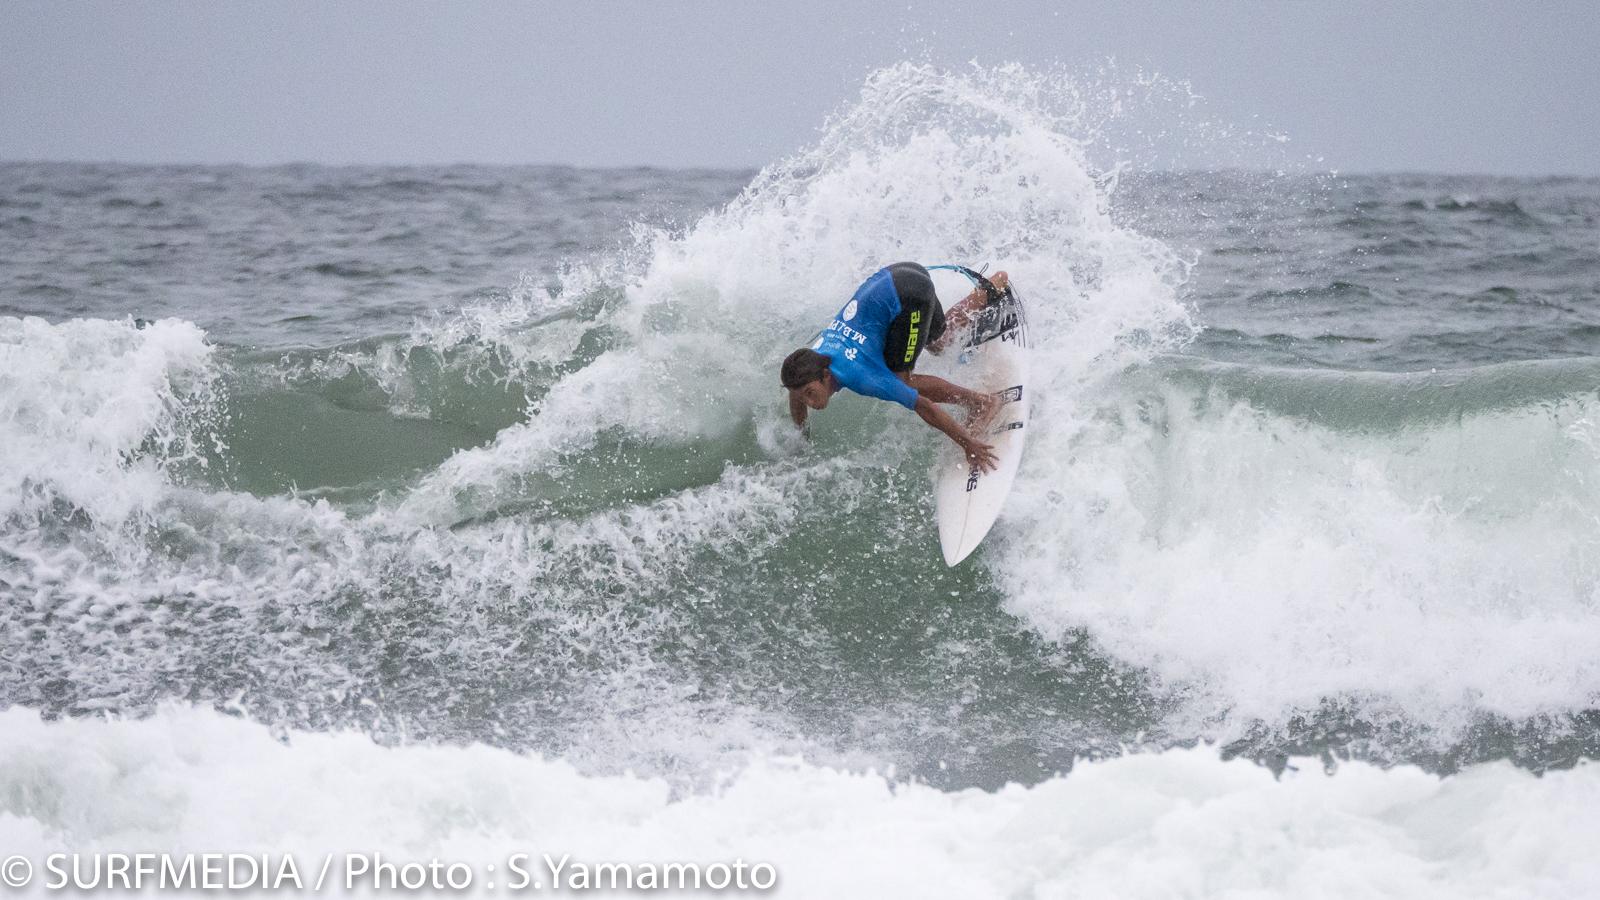 アジアランキング17位の金沢呂偉がセミファイナル進出。